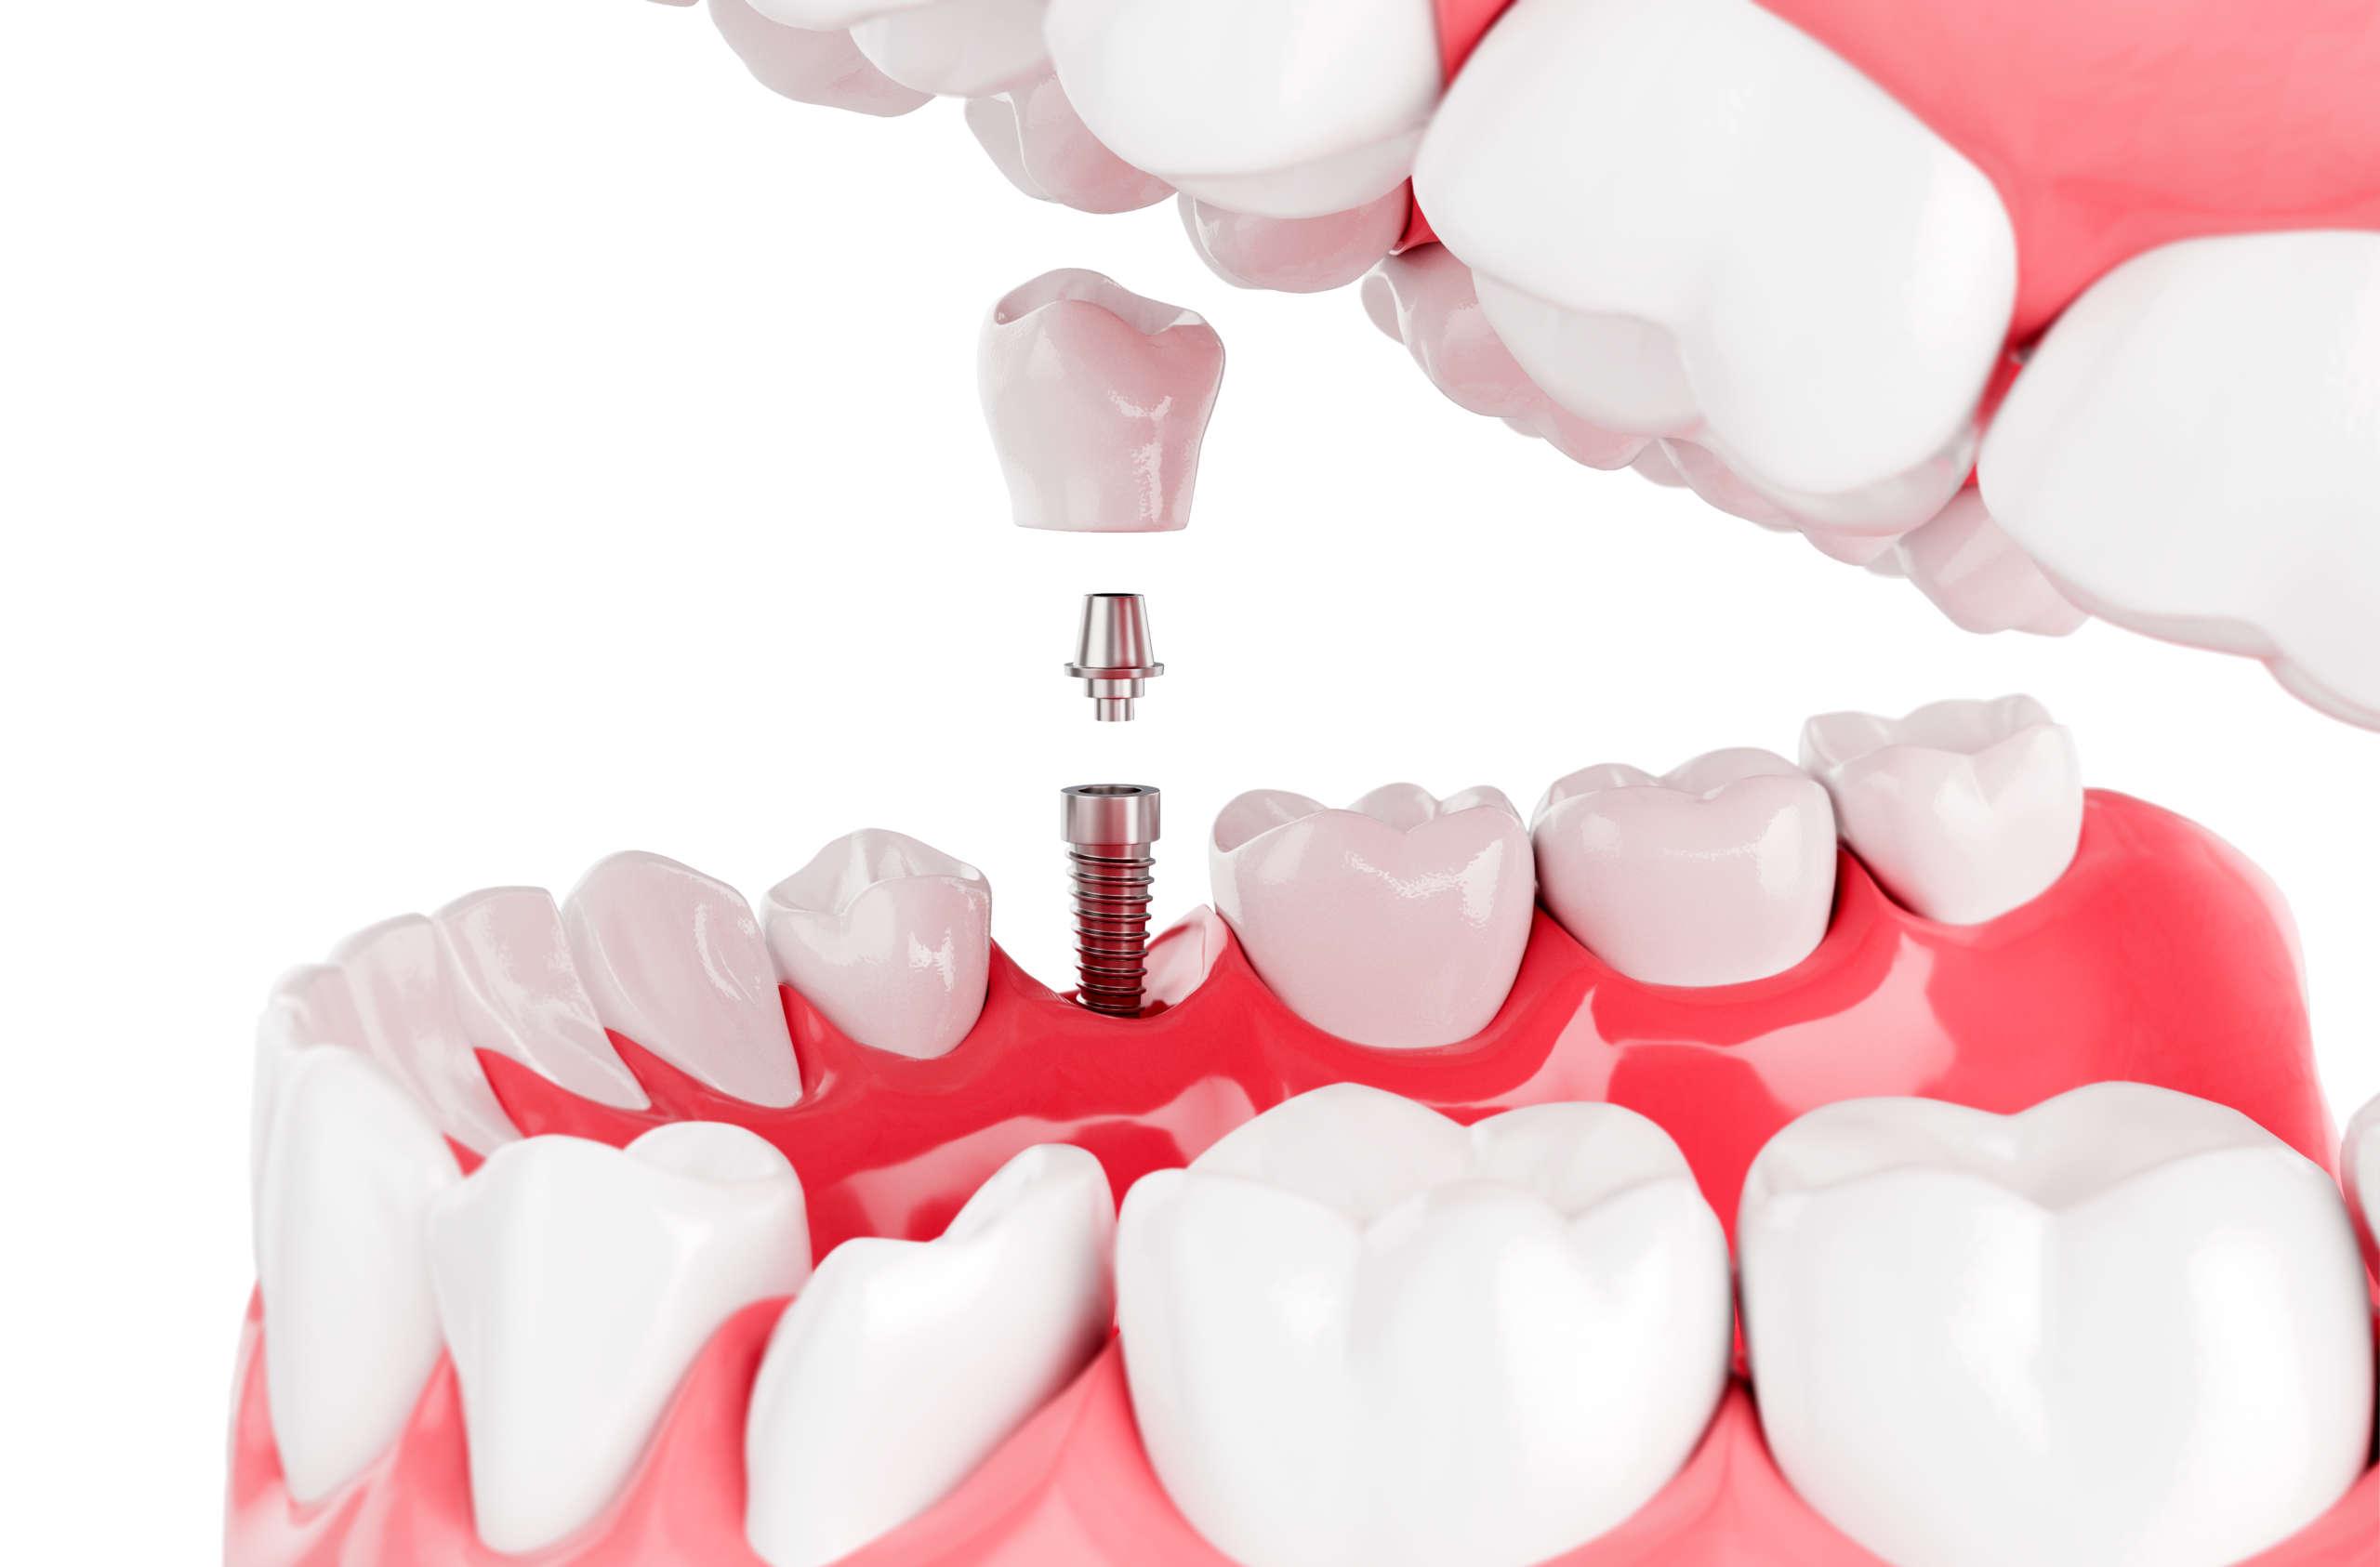 zahn-implantat-lohmar